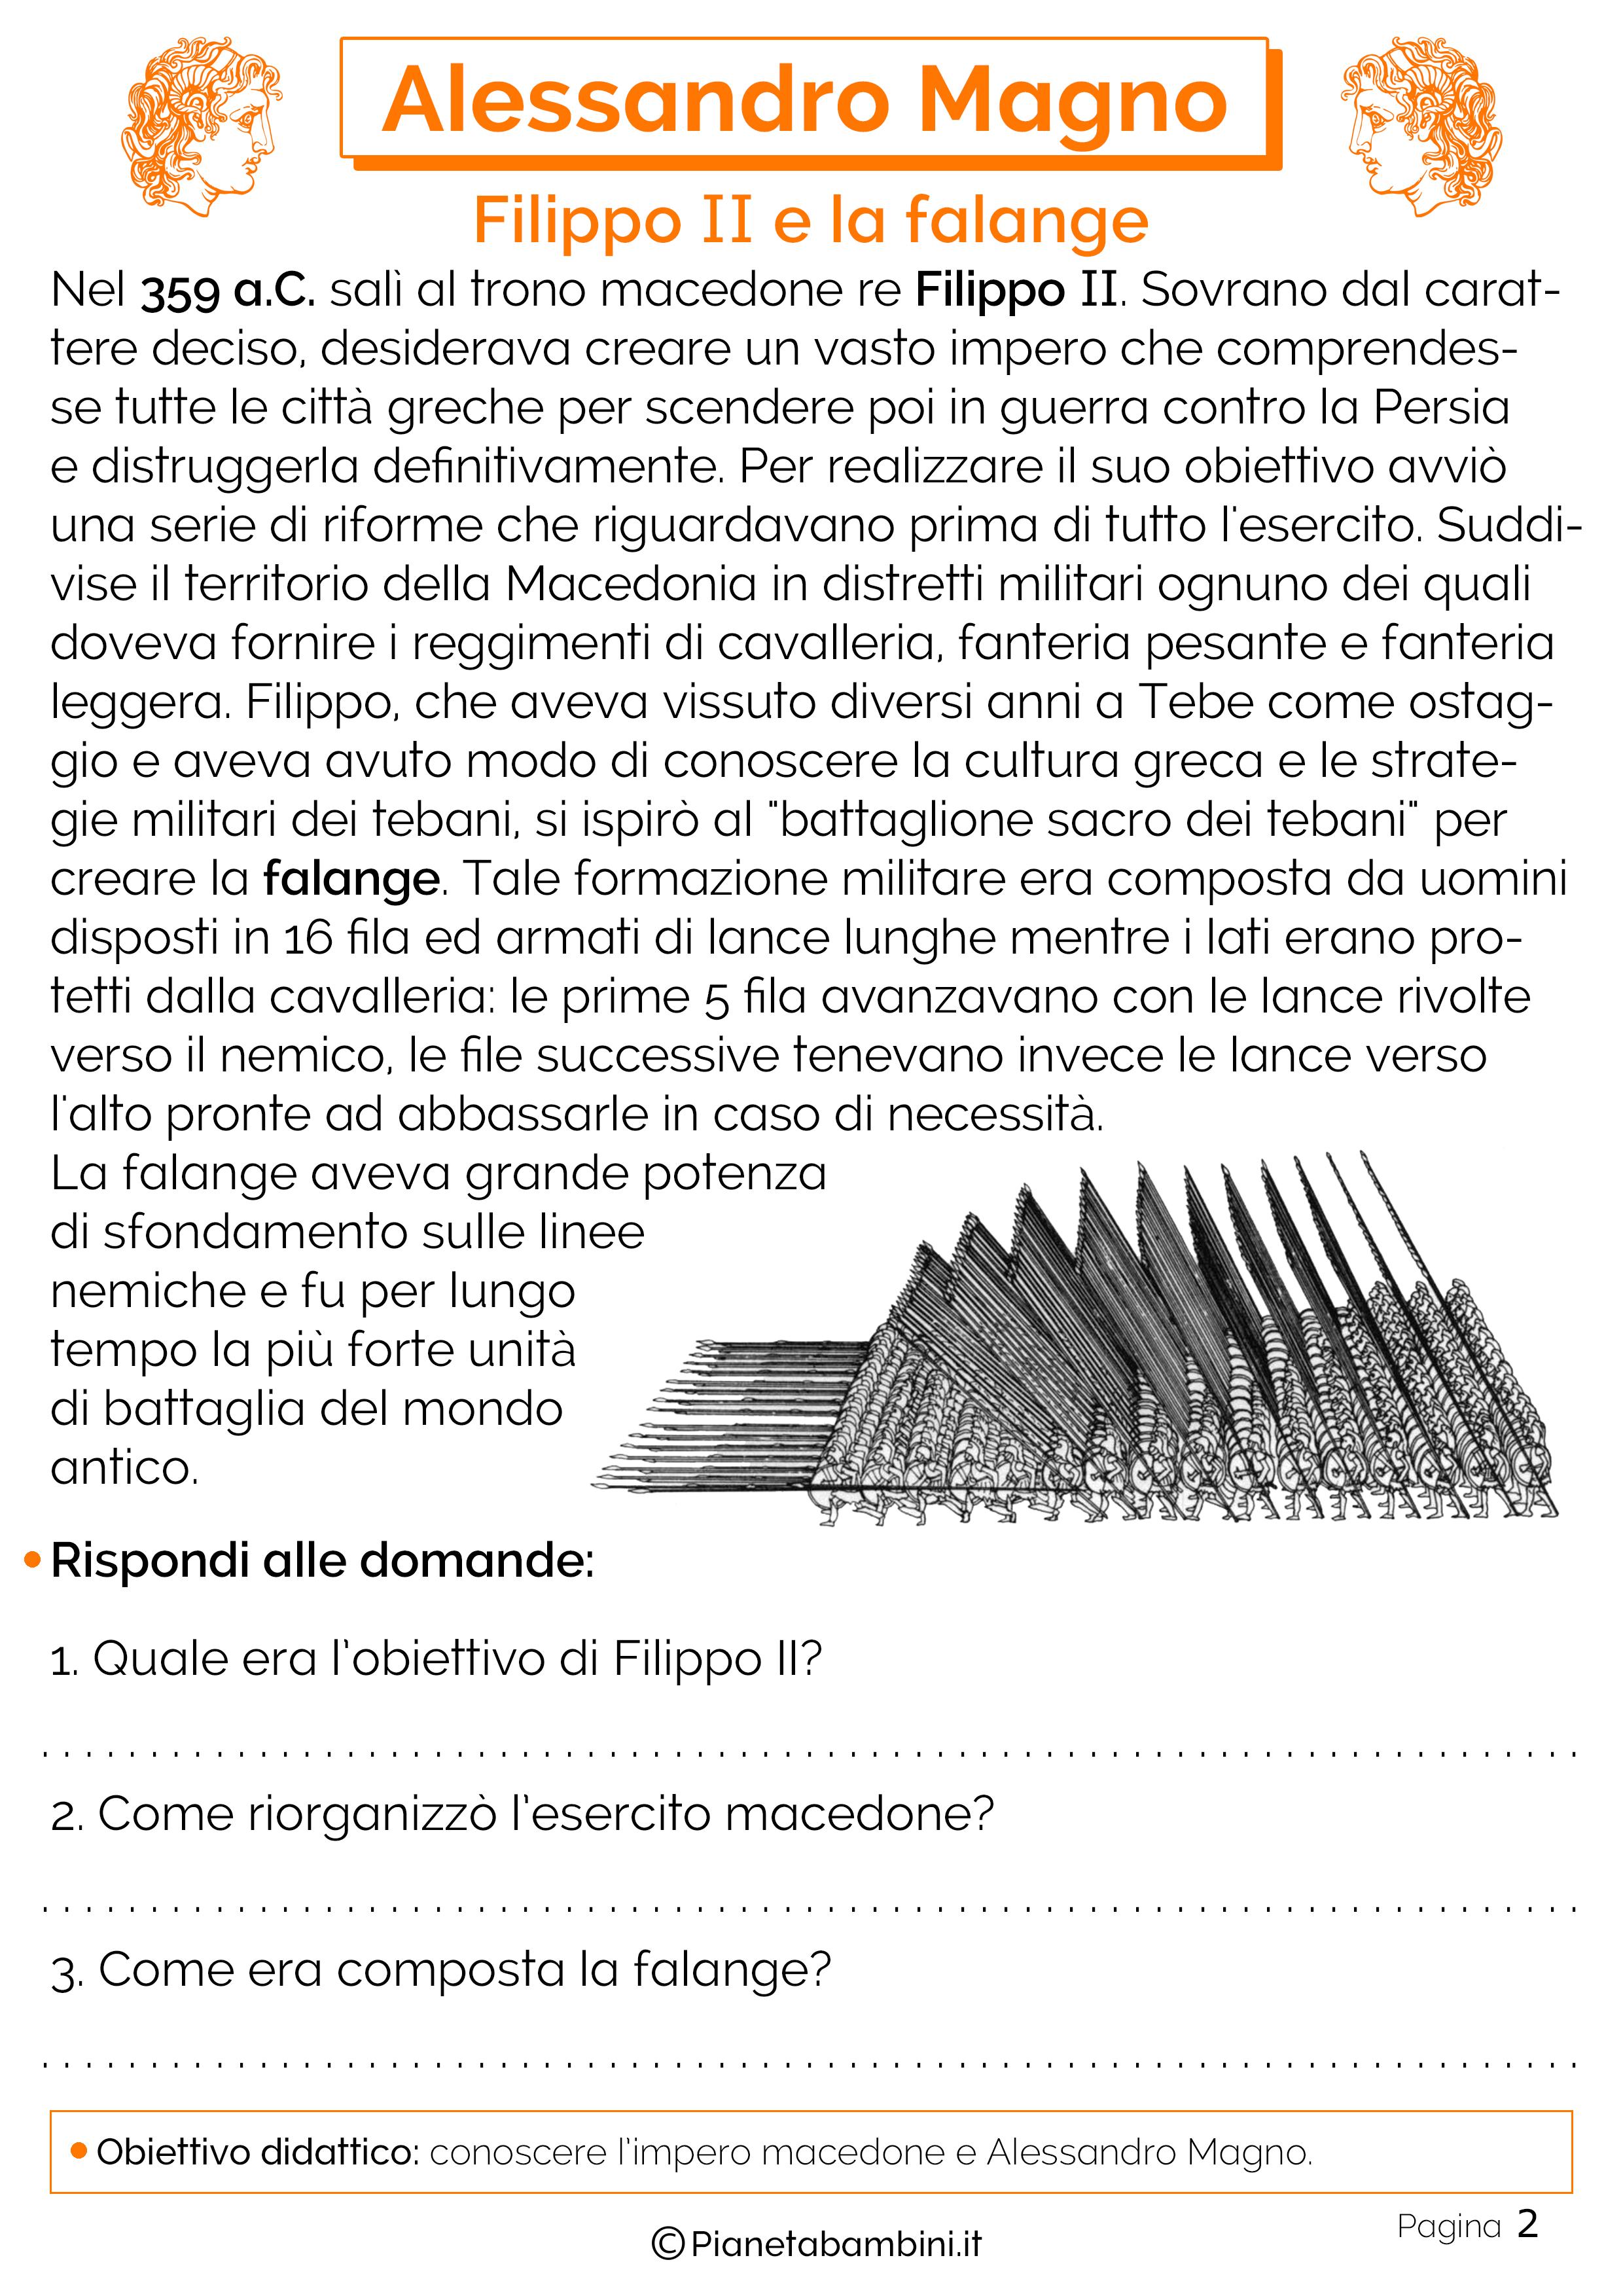 Filippo II e tecnica della falange